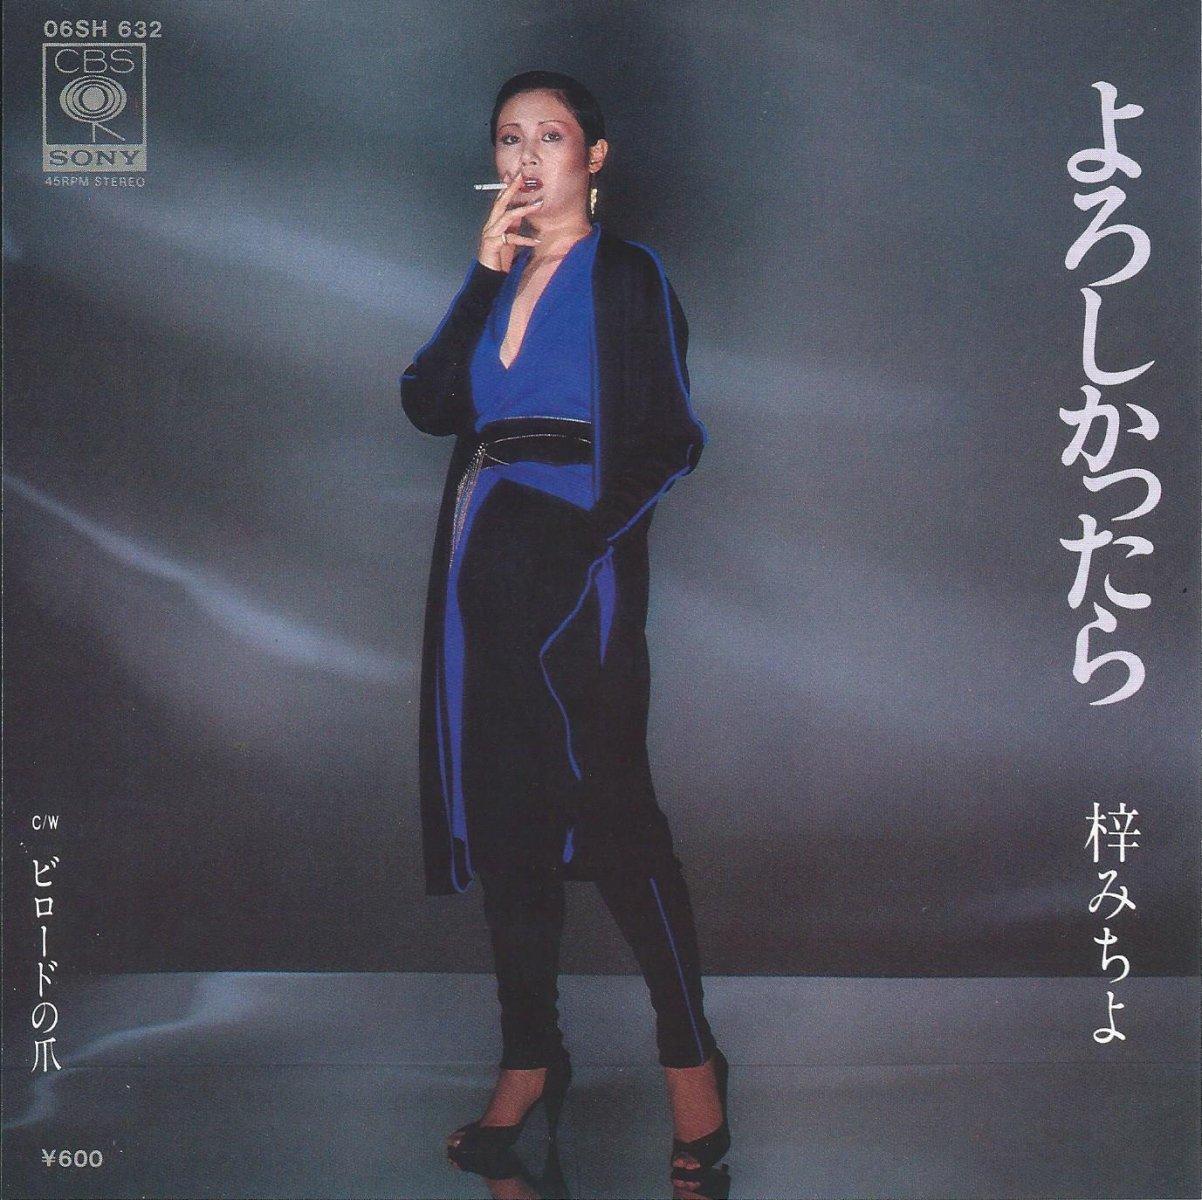 梓みちよ MICHIYO AZUSA / よろしかったら / ビロードの爪 VELUDO NO TSUME (7